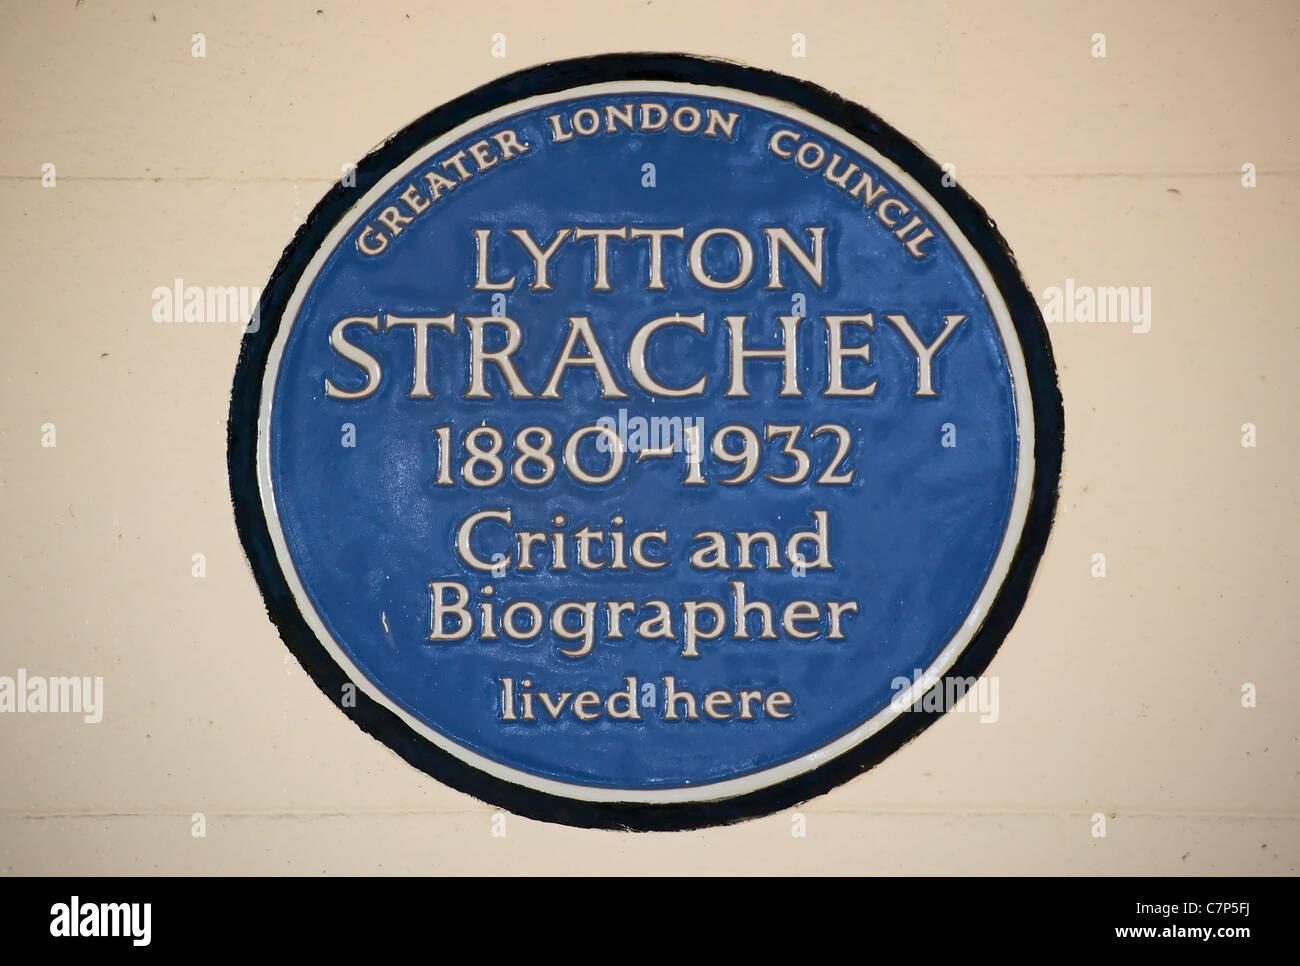 Greater London Council blue plaque marquant un accueil critique et biographe de lytton strachey, Gordon Square, Londres, Angleterre Banque D'Images